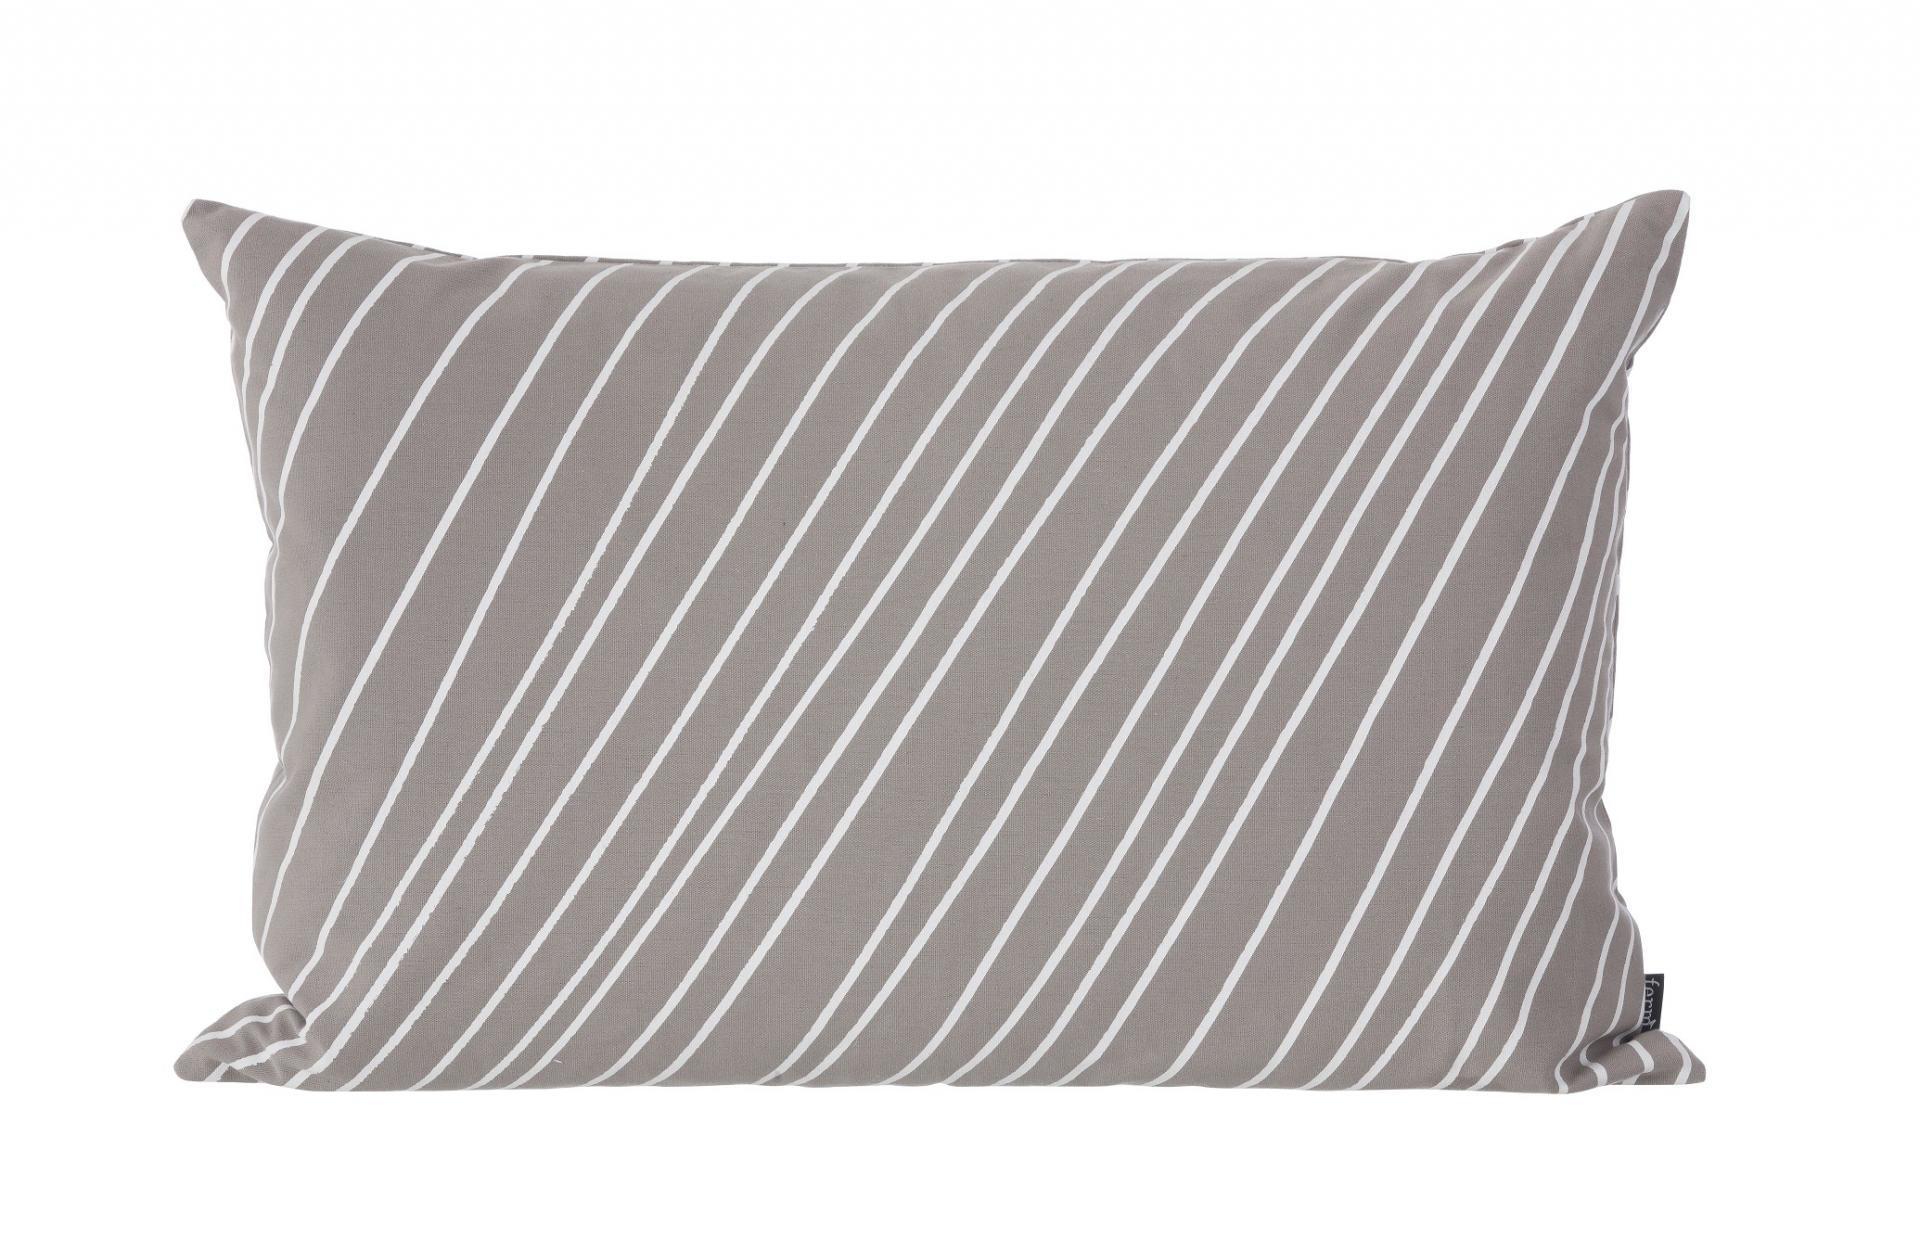 ferm LIVING Péřový polštář Stripes, šedá barva, textil